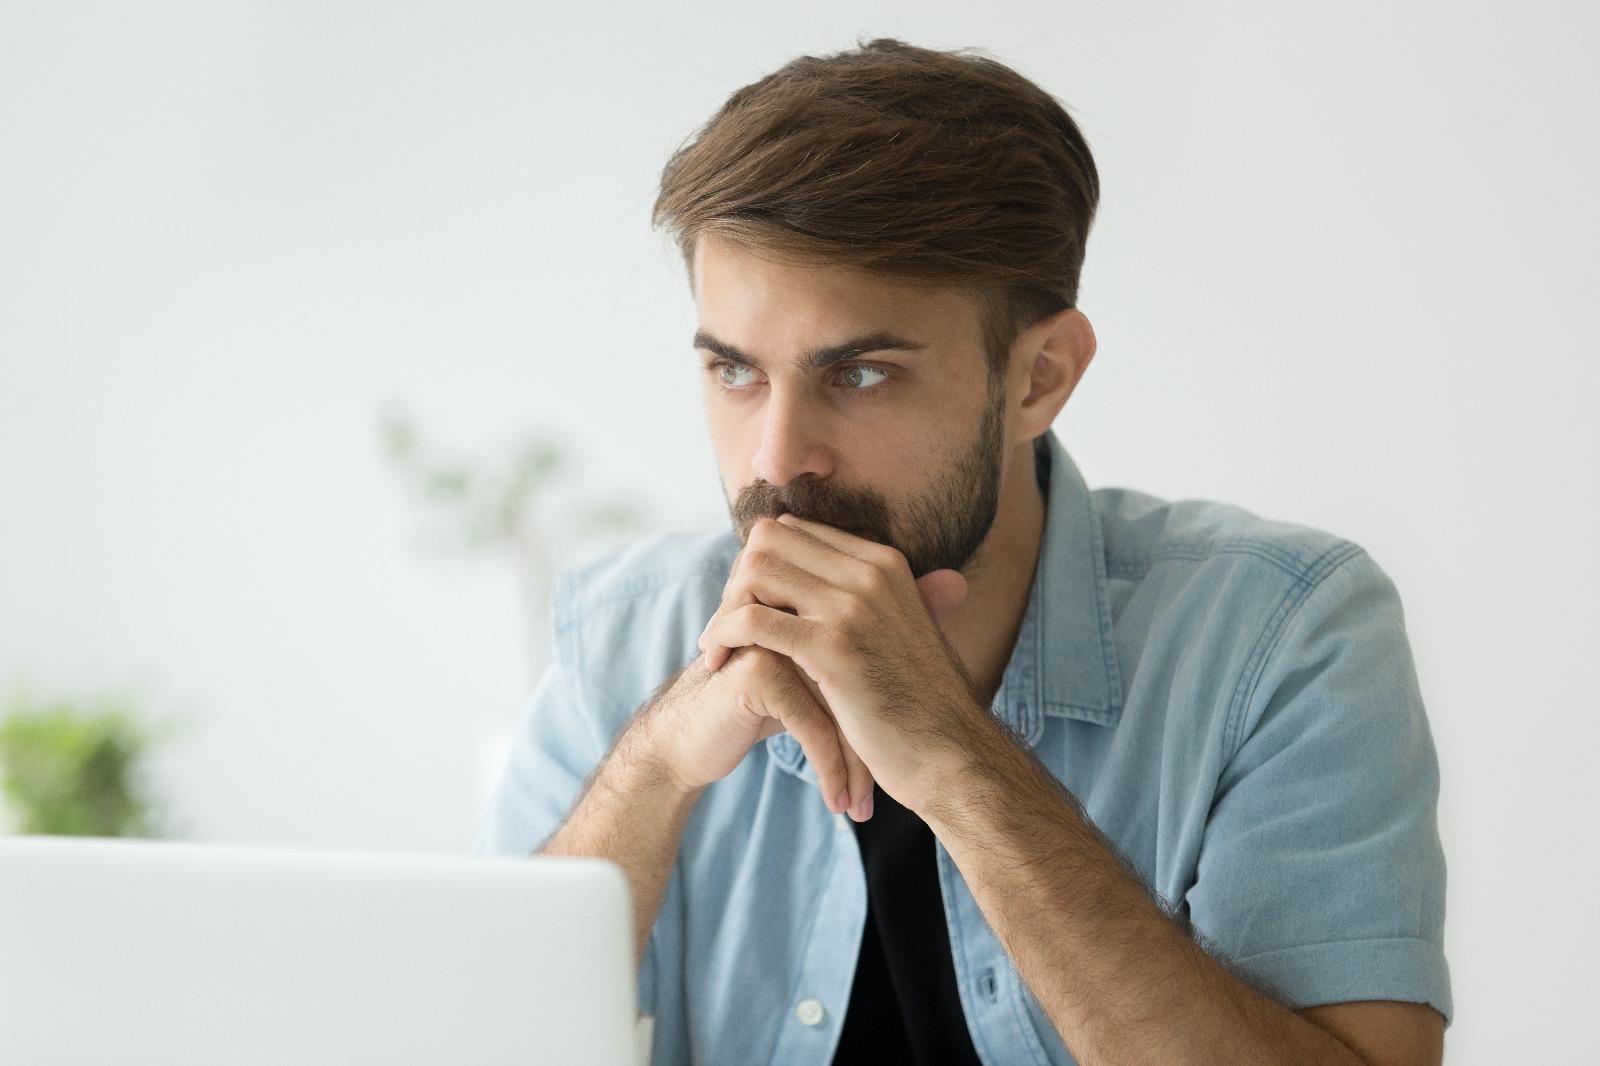 Foto onde mostra uma pessoa pensando como alugar um imóvel sem precisar de fiador. A resposta é: fiança locatícia social